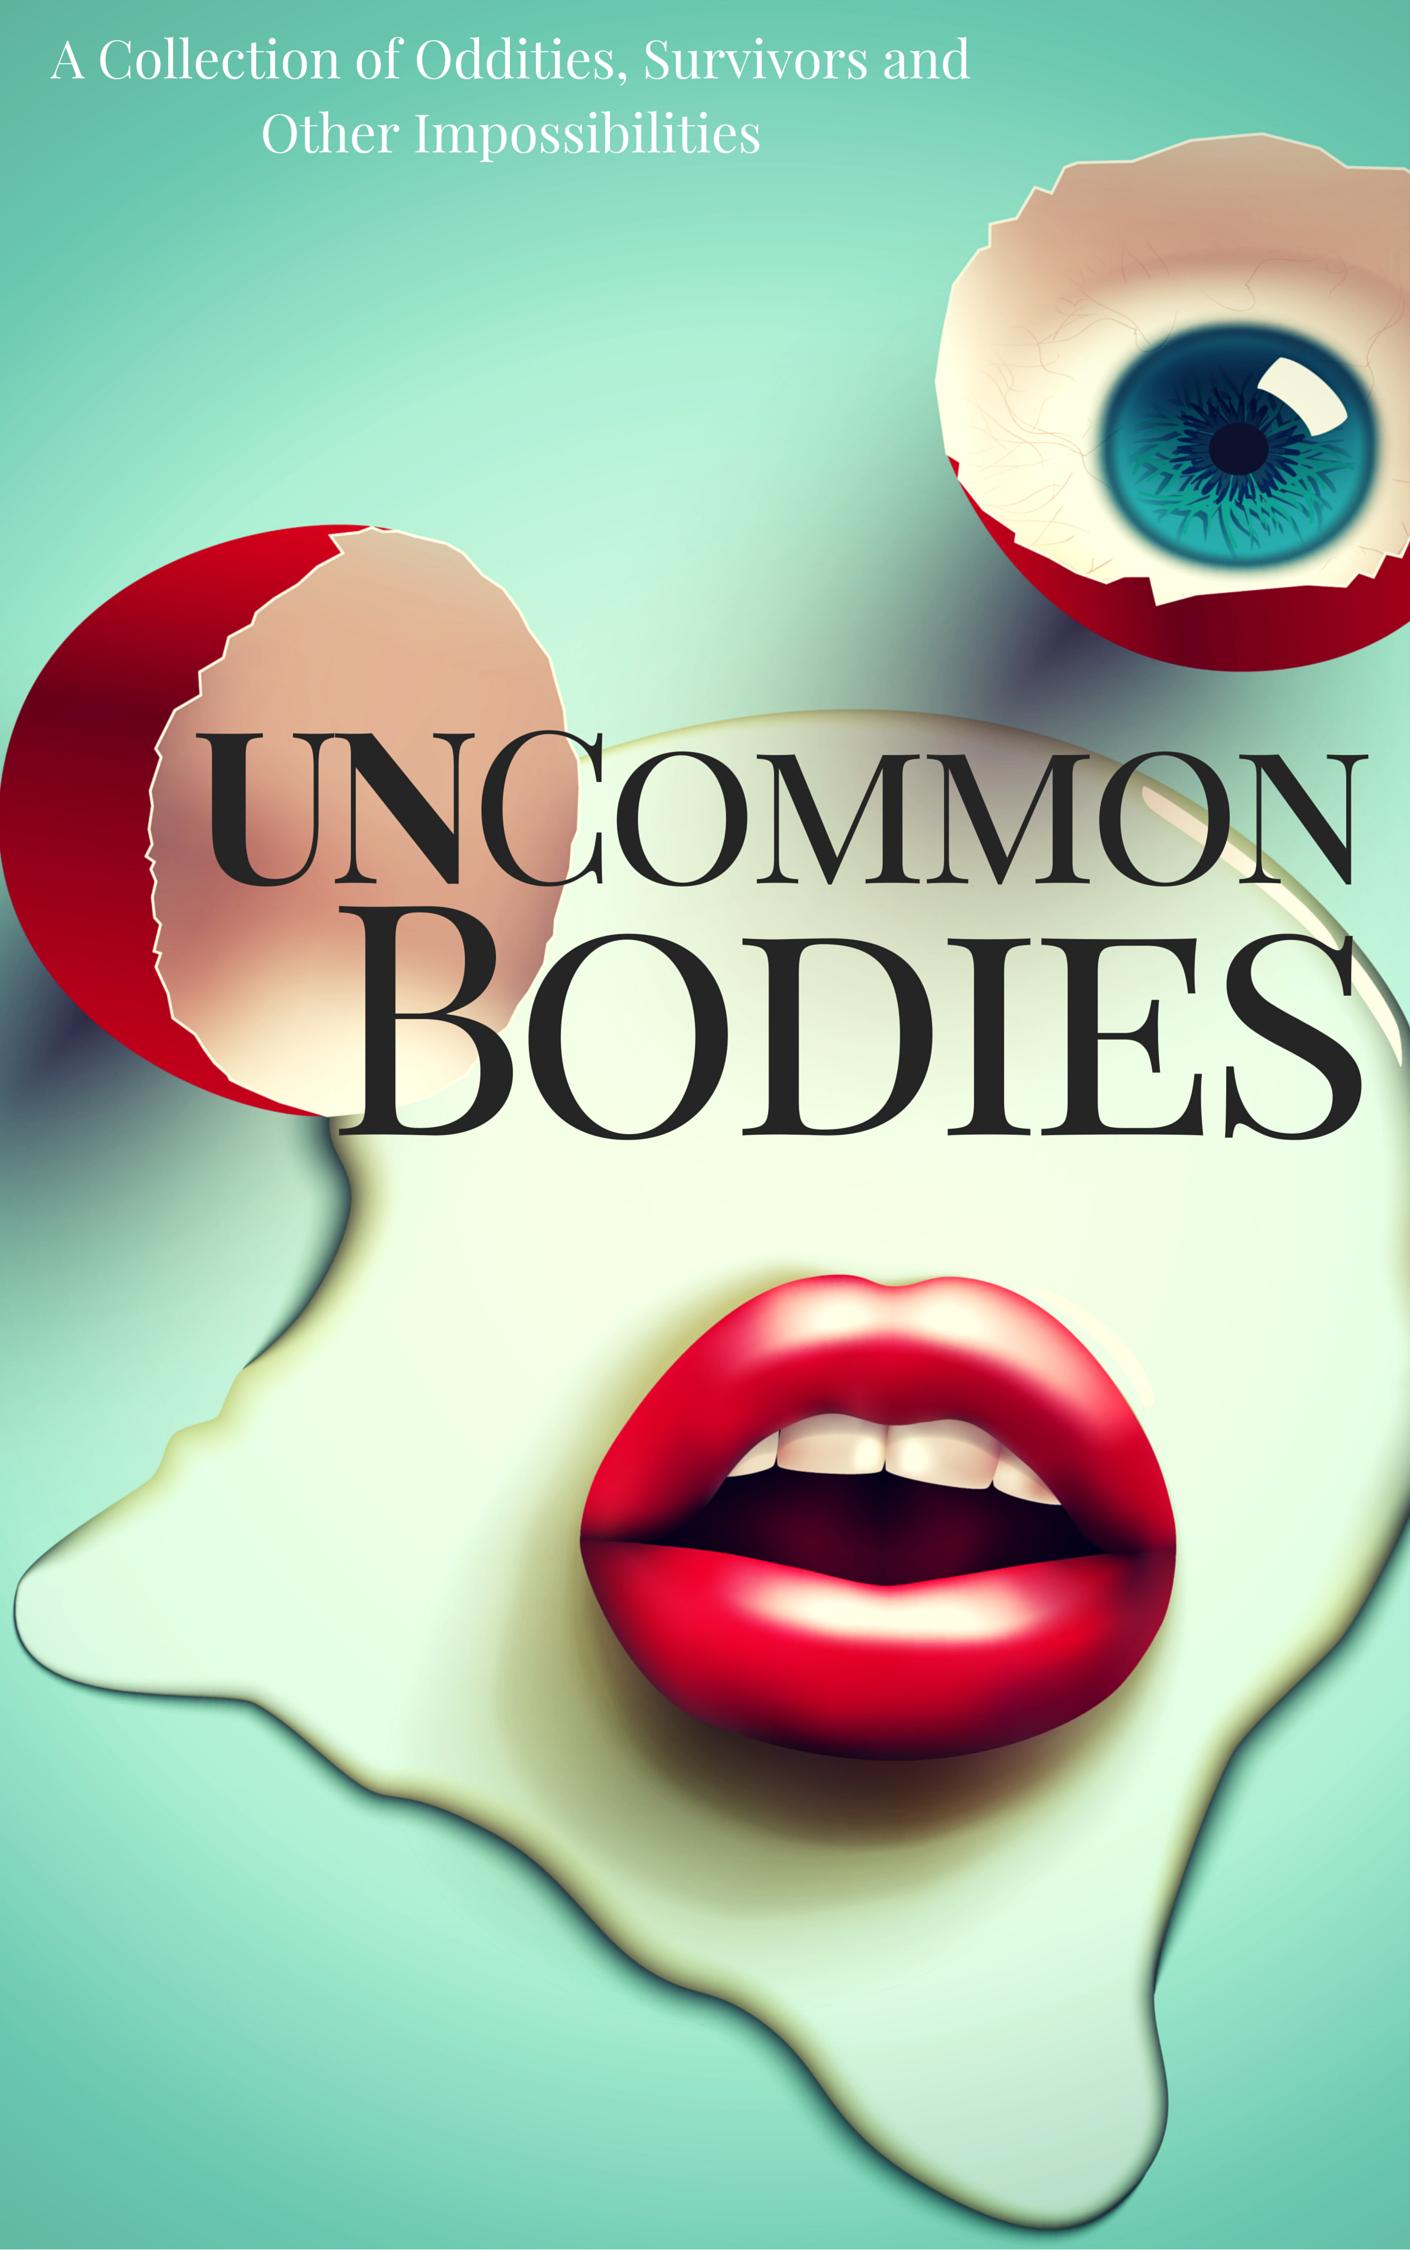 UnCommon Bodies